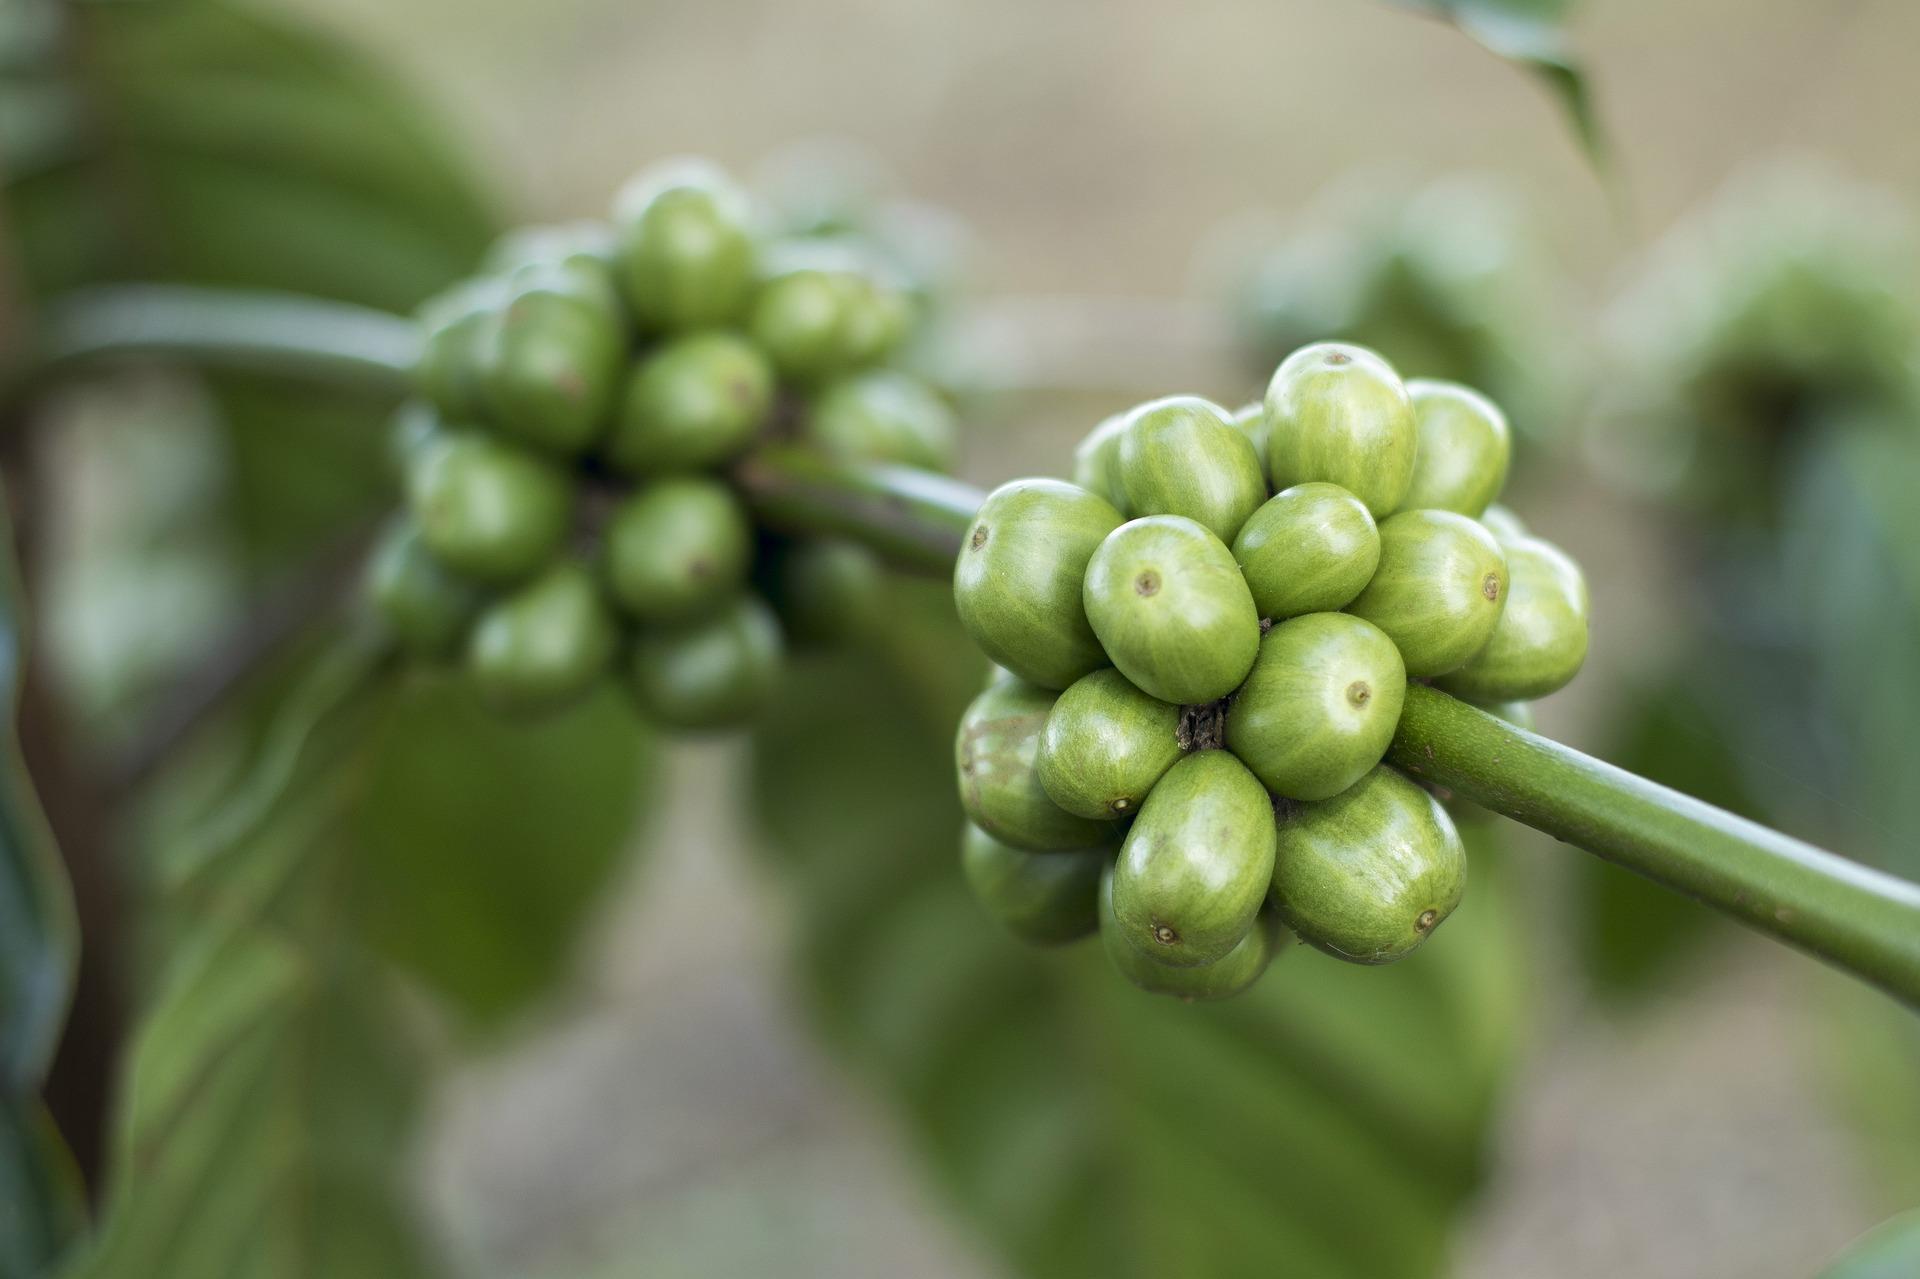 N'ayant pas été torréfié, le café vert conserve toutes ses vertus originelles